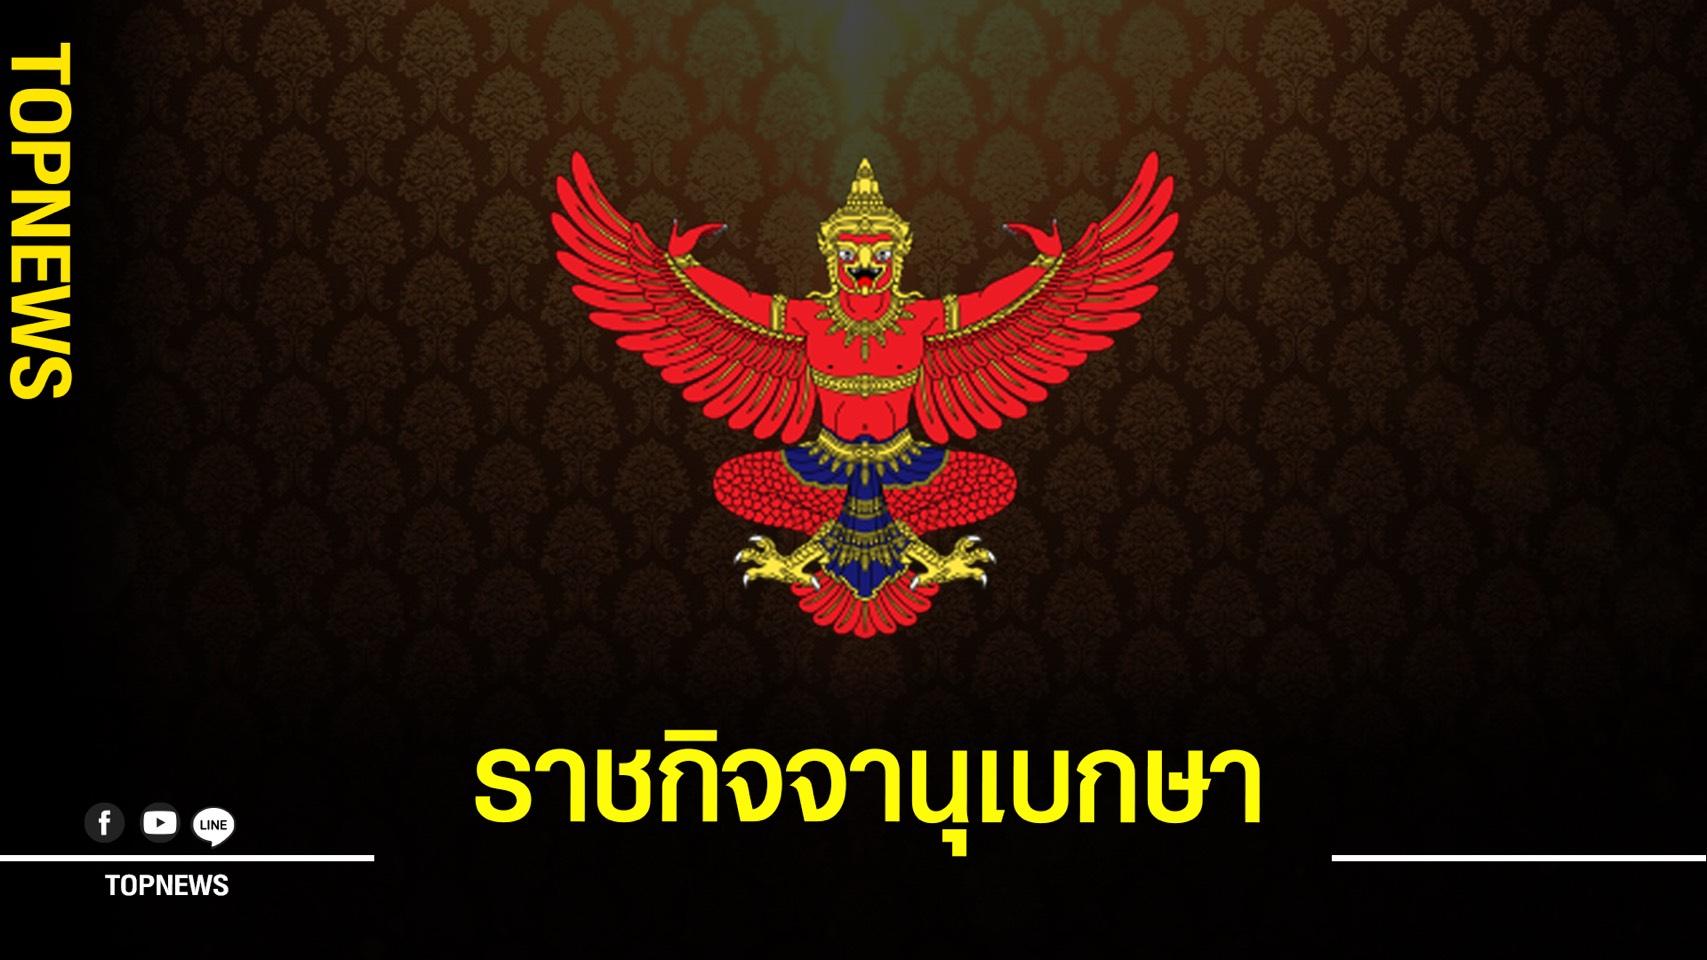 โปรดเกล้าฯ สถาปนาสมณศักดิ์ 'พระธรรมวิสุทธิญาณ' เป็นพระราชาคณะเจ้าคณะรอง